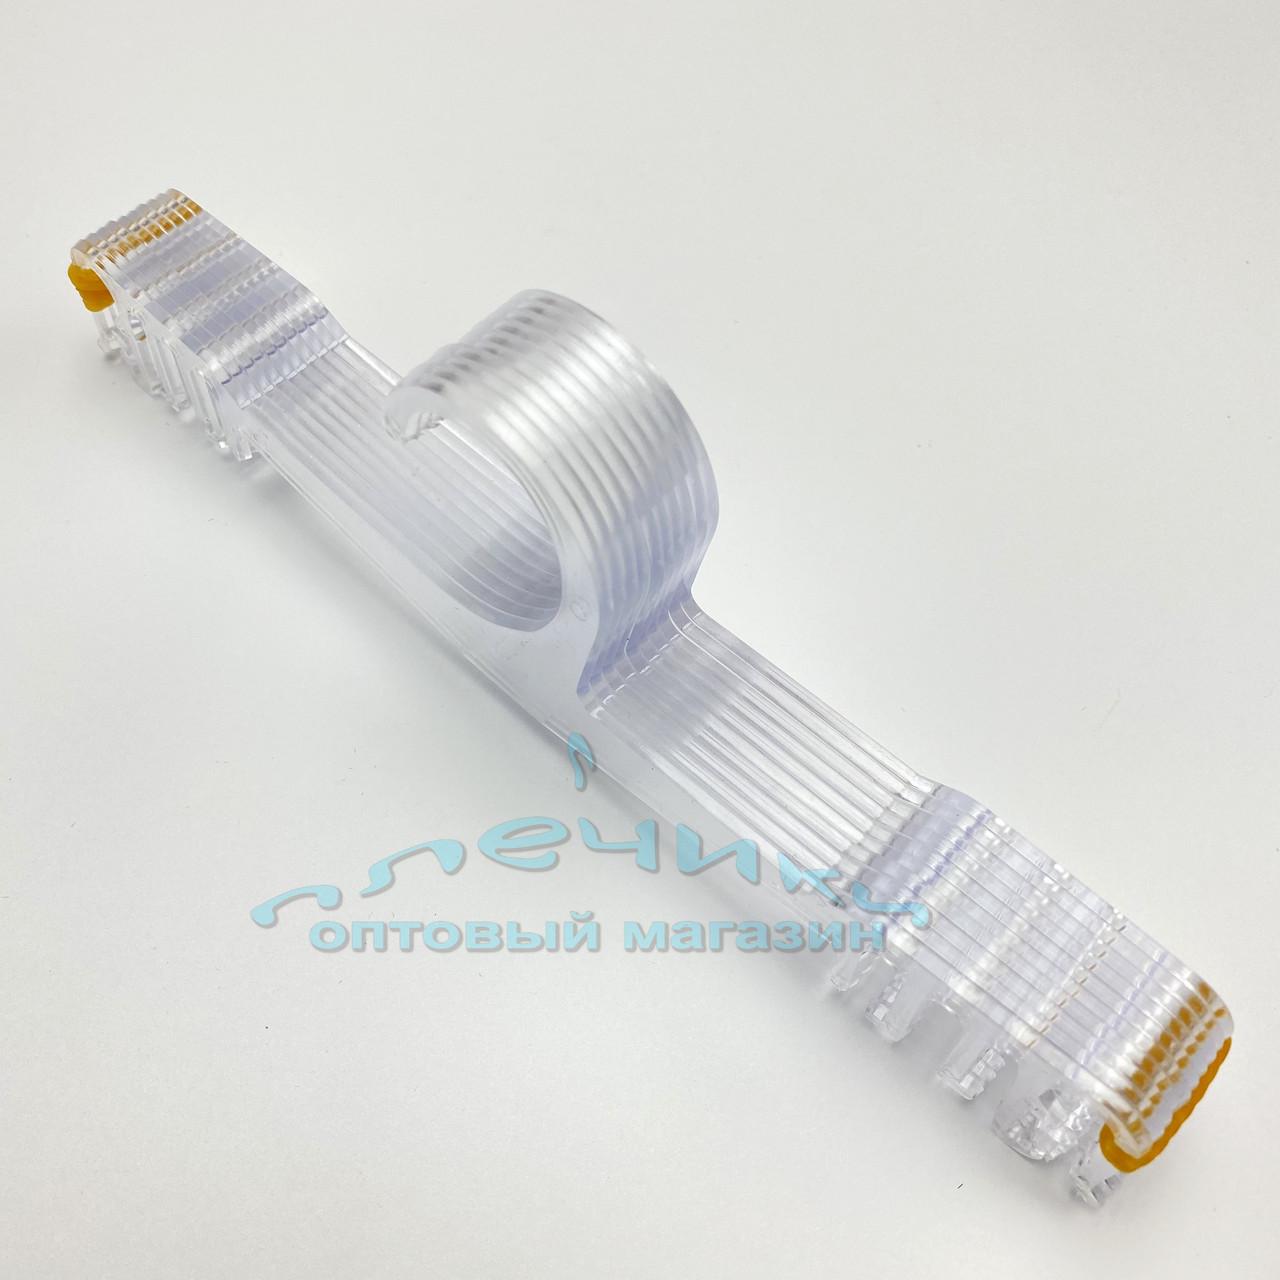 Пластмассовые вешалки 10 шт. плечики для нижнего белья прозрачного цвета, длина 215 мм